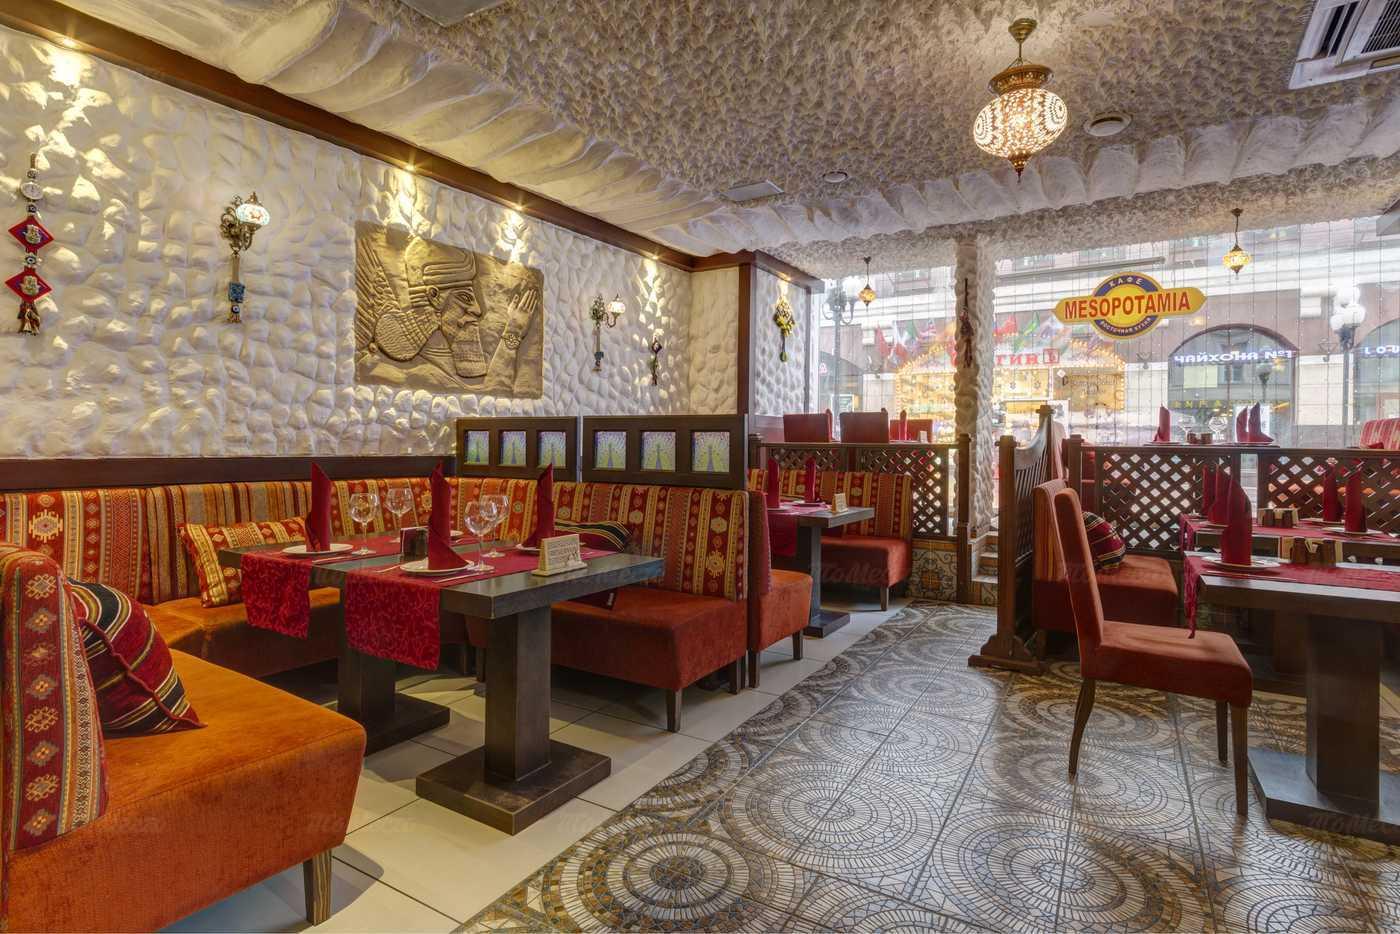 Ресторан Месопотамия на Арбате фото 12